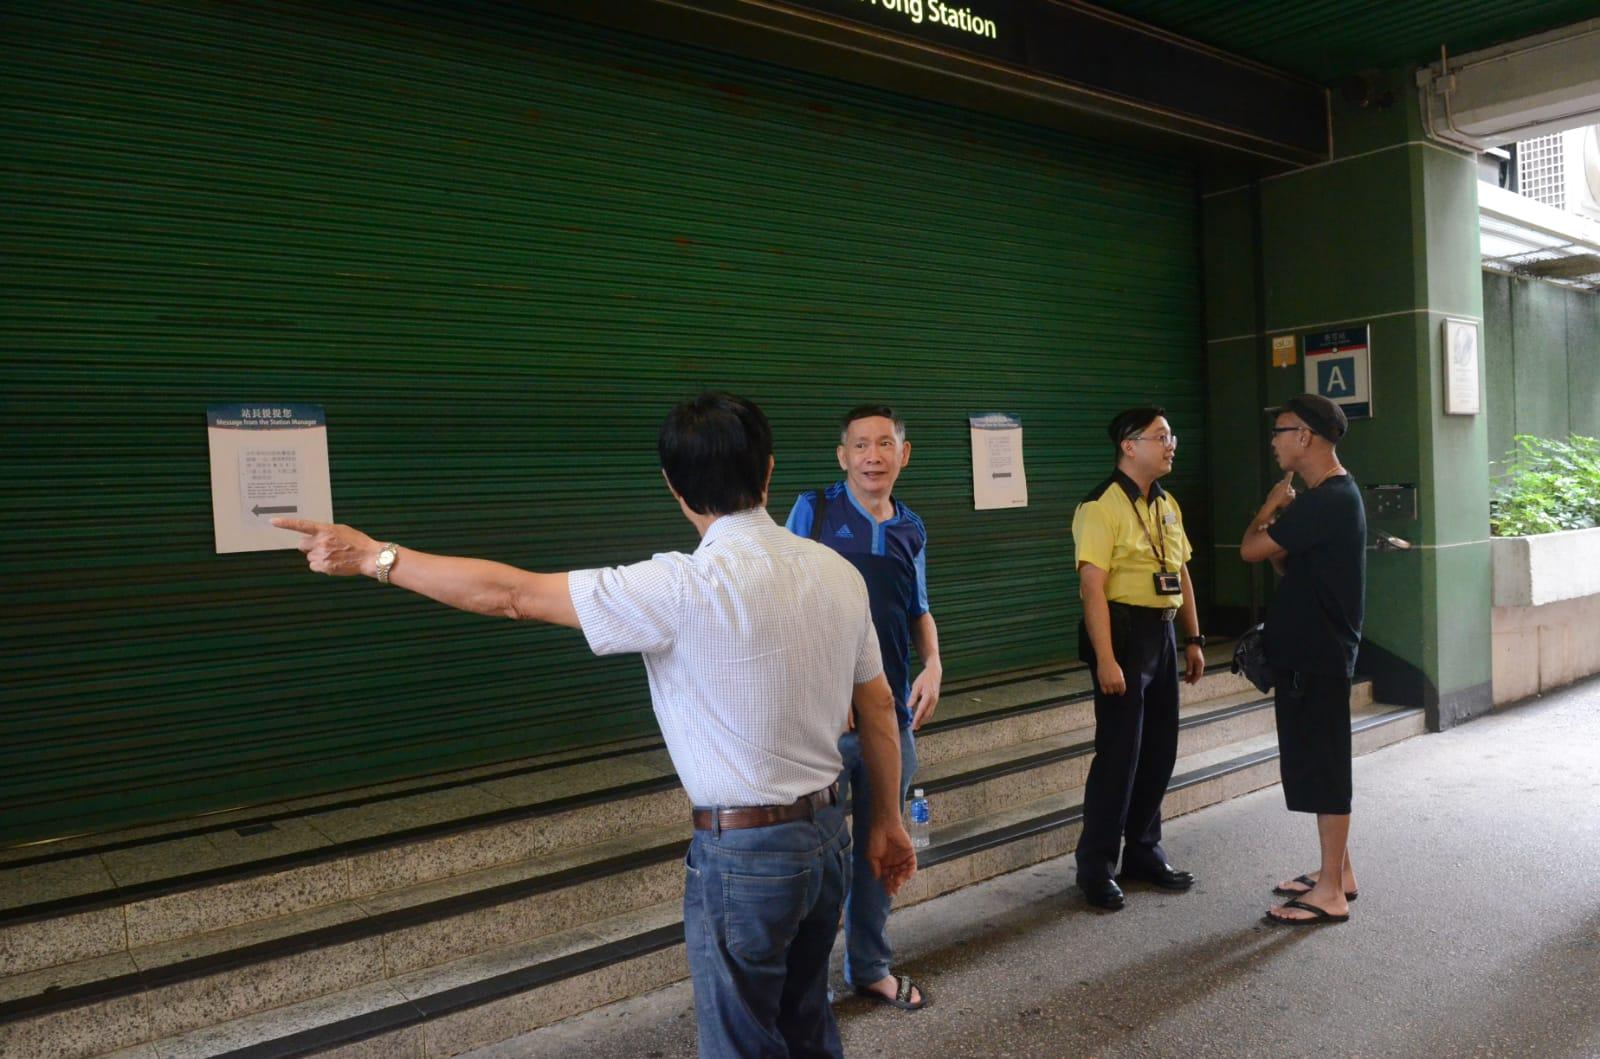 有職員到場指示市民經其他出入口進入站內。 蔡楚輝攝